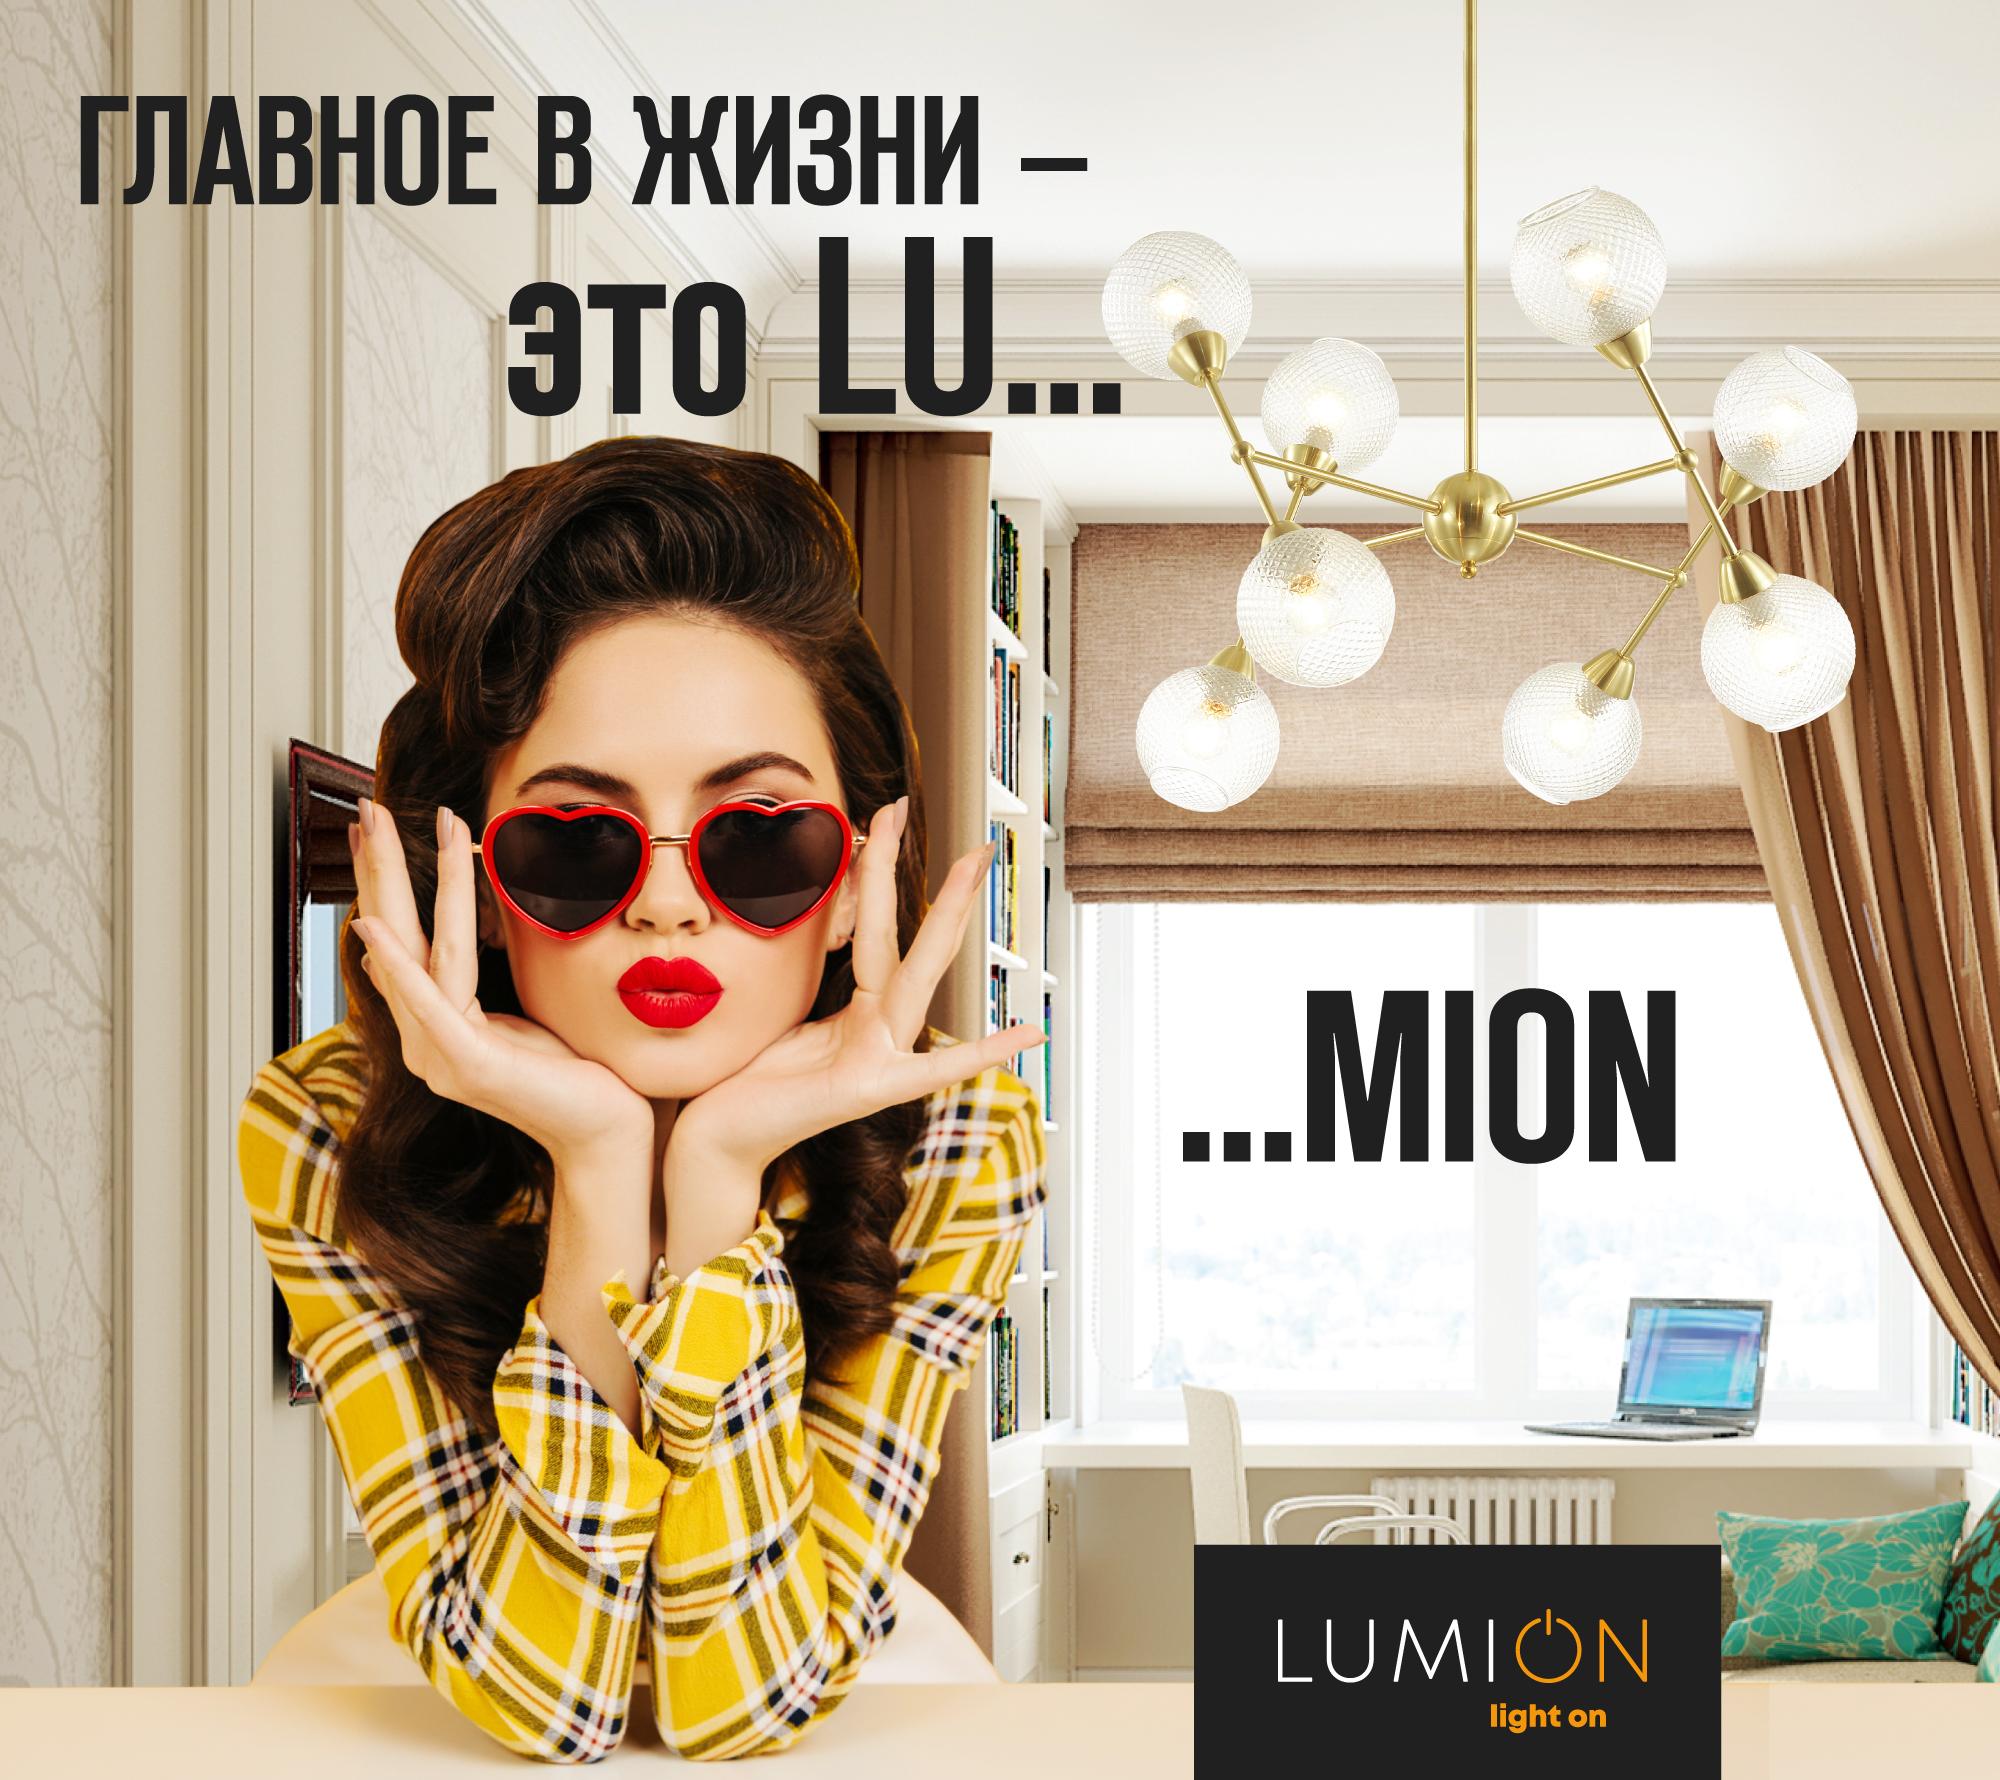 Люстры Люмион в Минске